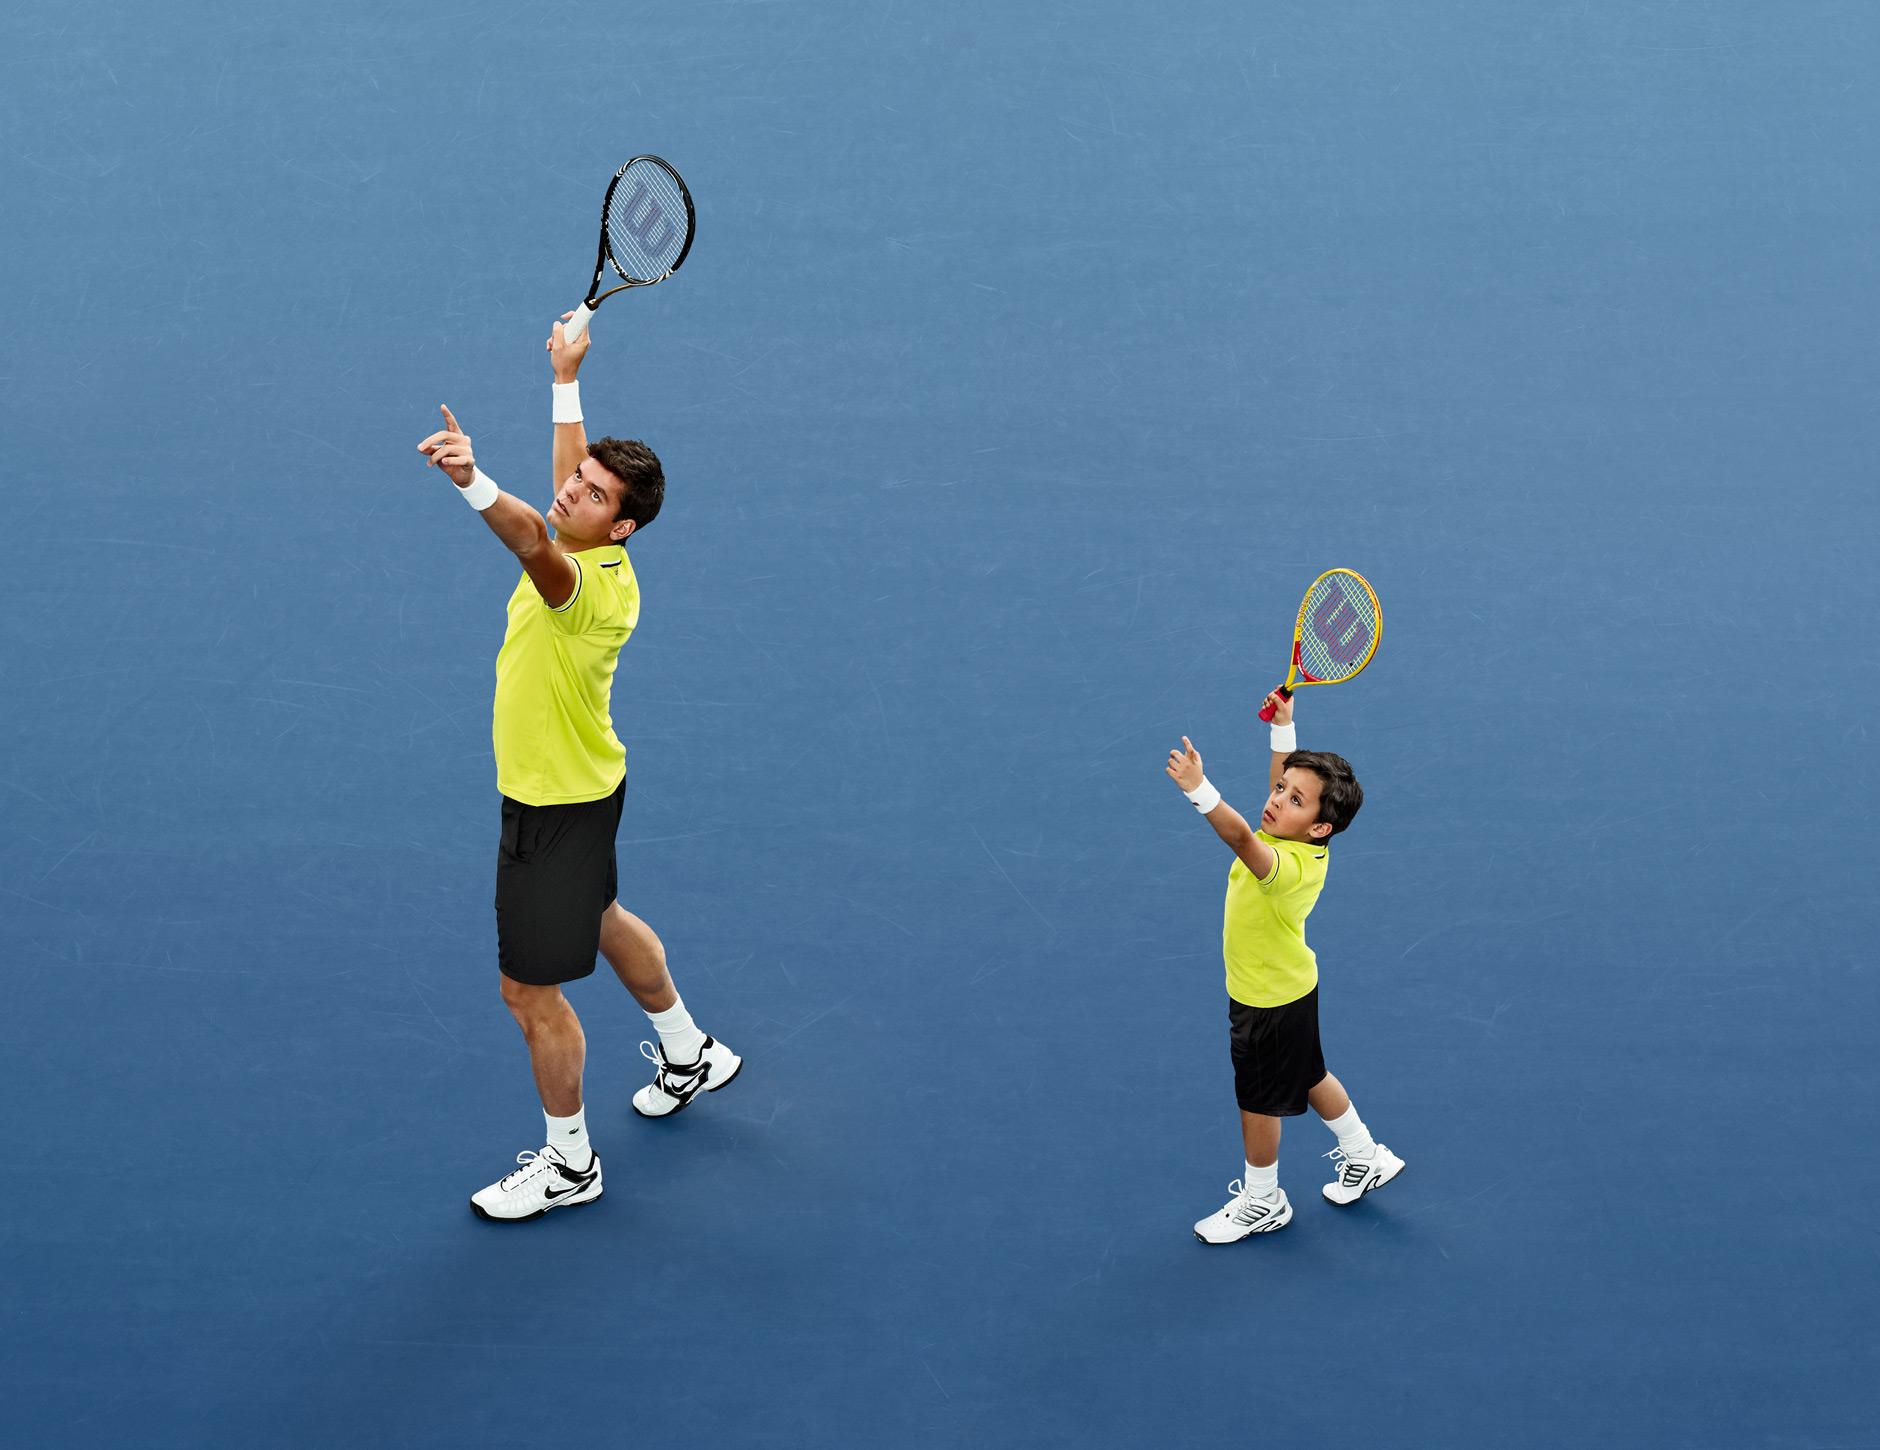 Dicas para a formação de futuros tenistas brasileiros